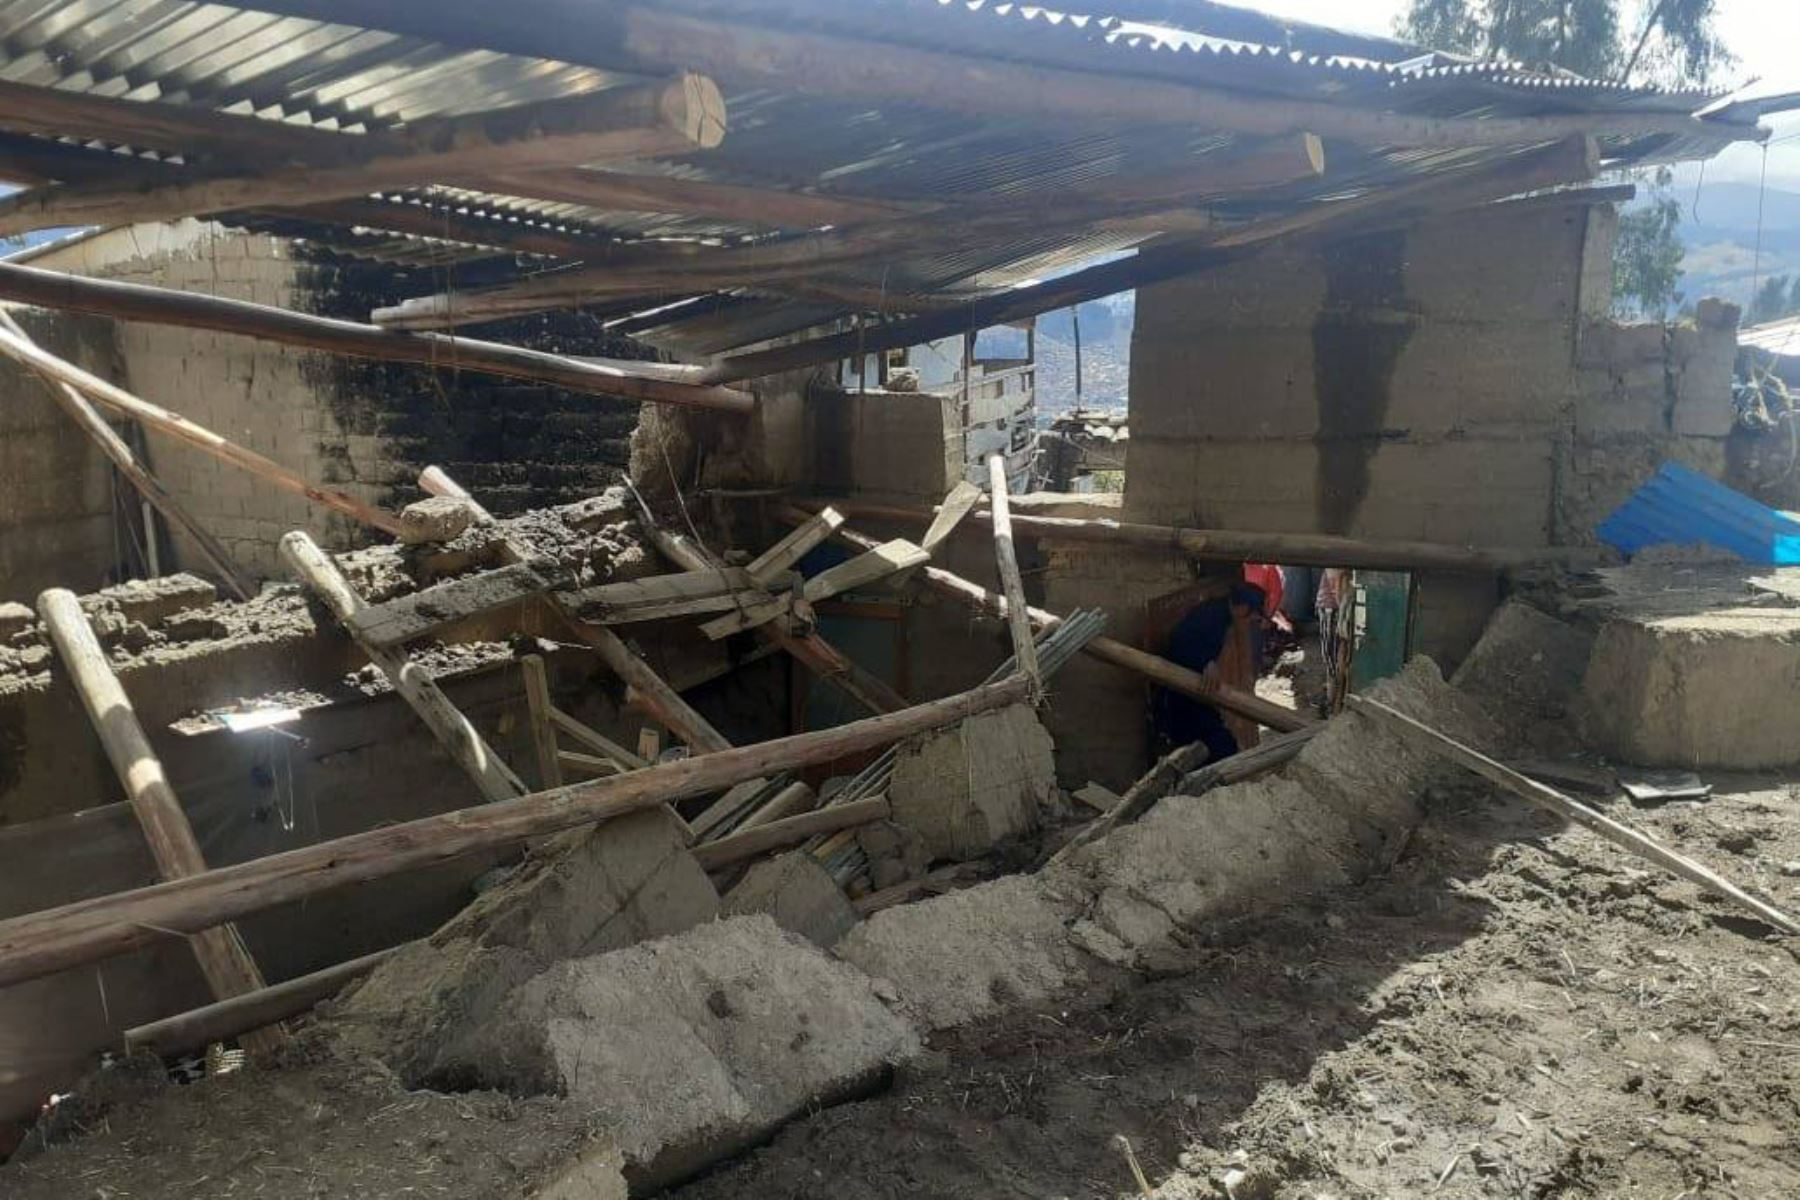 Derrumbe de vivienda por lluvias intensas deja un muerto en Áncash |  Noticias | Agencia Peruana de Noticias Andina